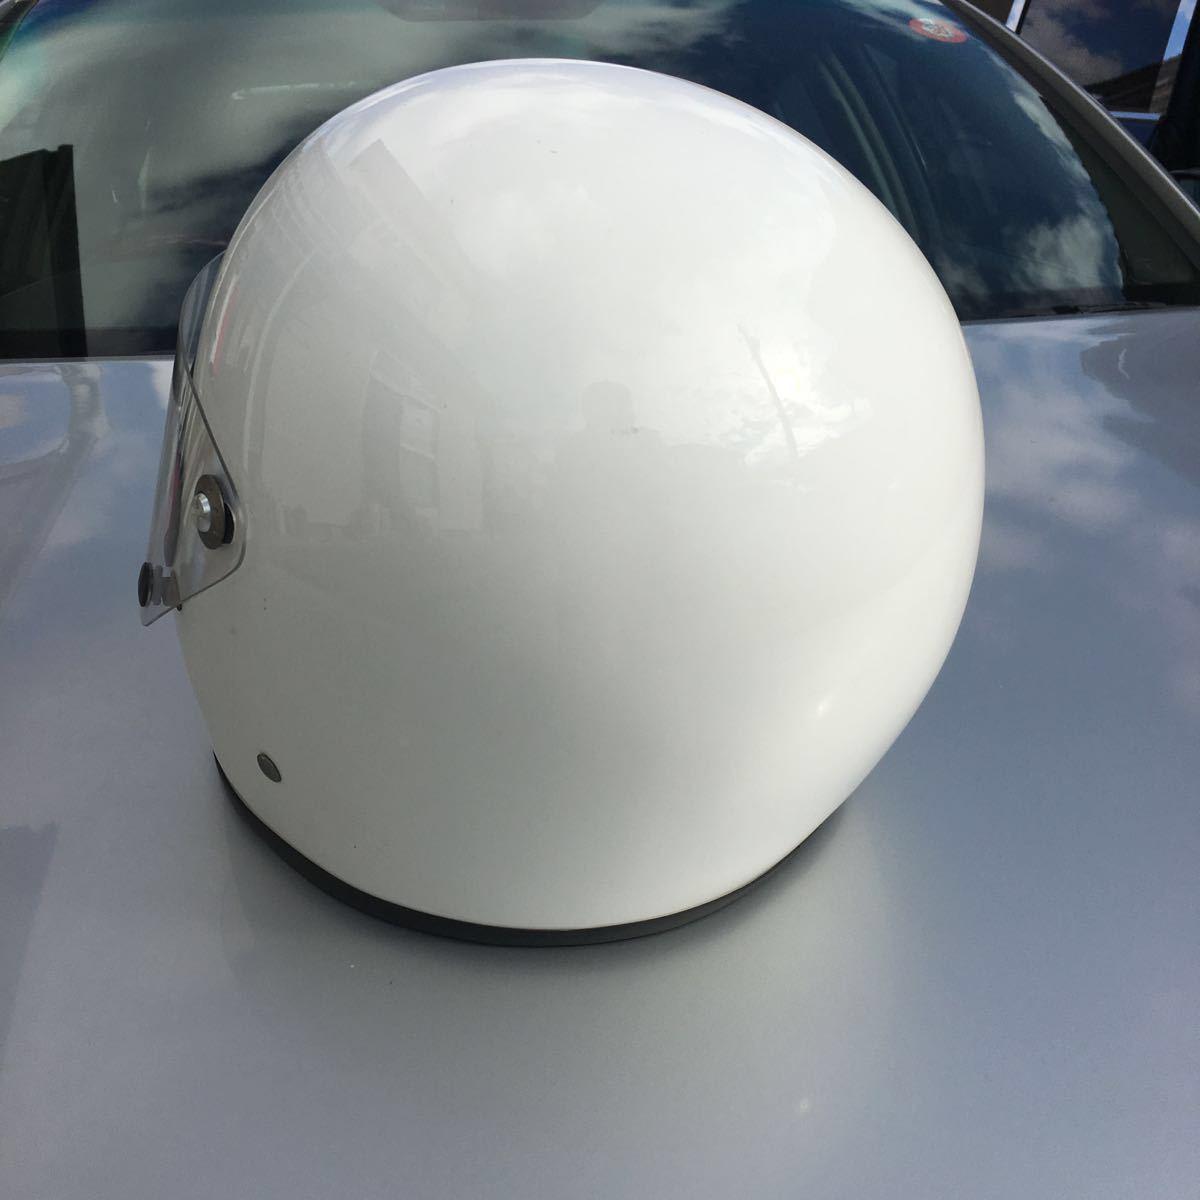 族ヘル 使用回数少 フルヘェイス ヘルメット / 初期 型 マッハ にて使用 / サイズは極端に小さく無いのでフリーサイズかな?_画像3